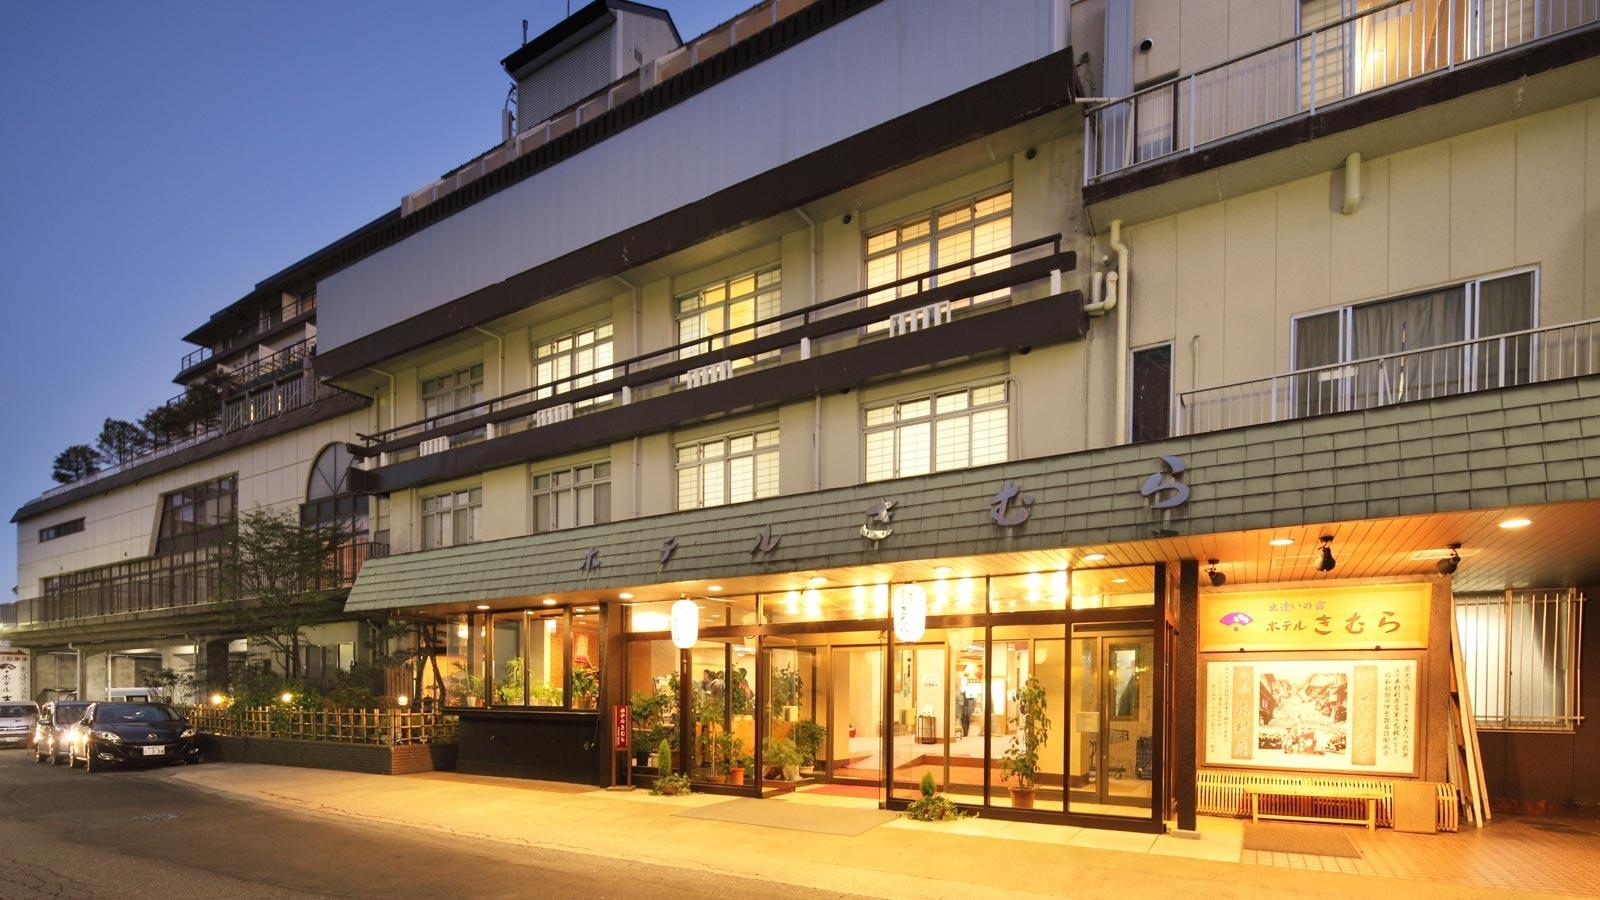 1万円以内で、かに食べ放題ができる伊香保温泉の宿はありませんか?